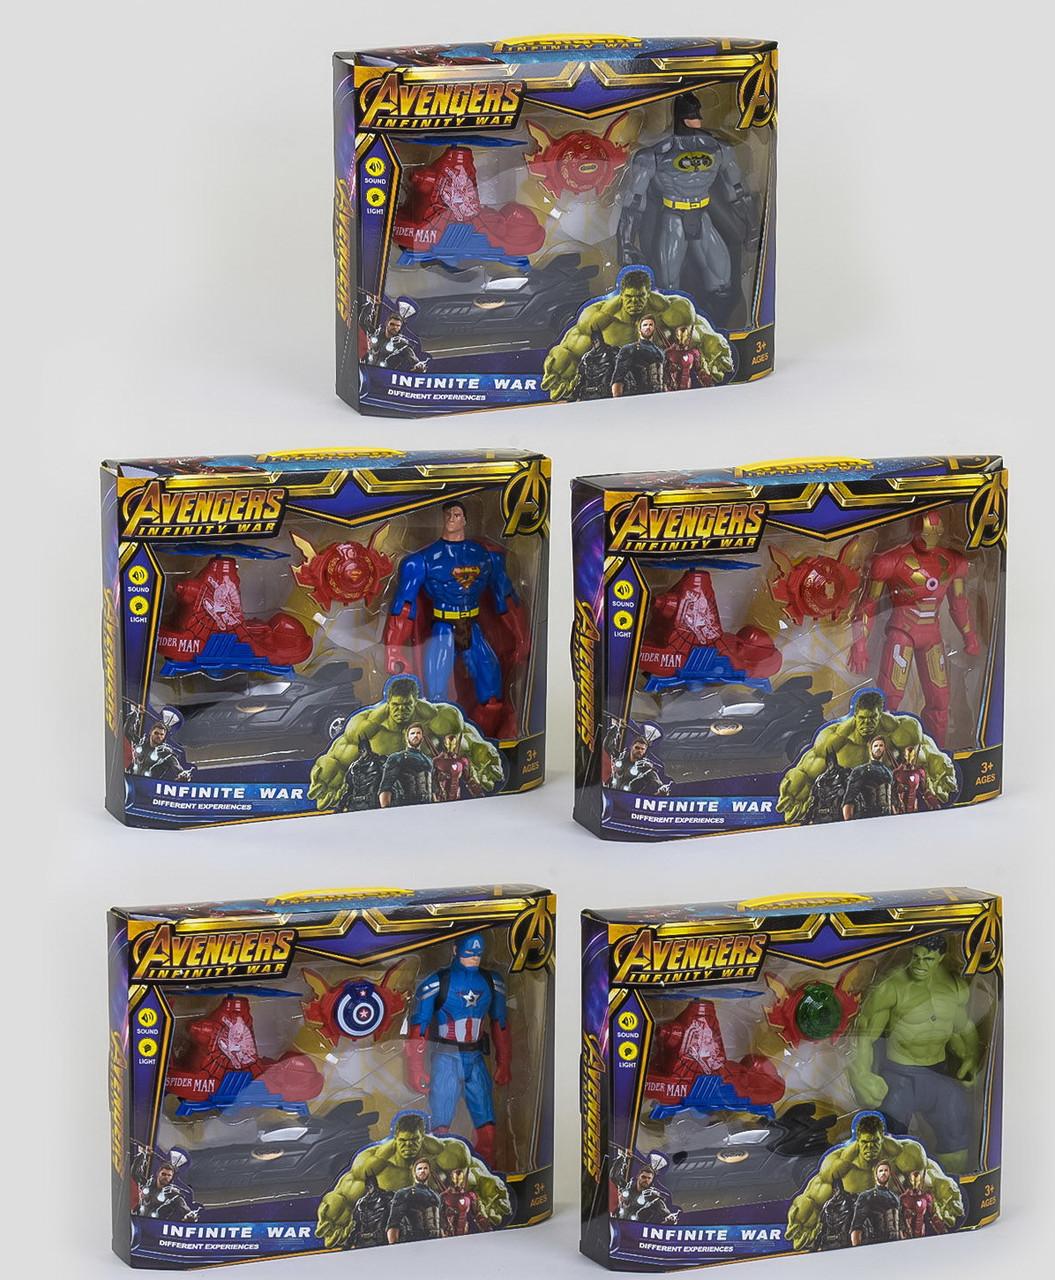 Герои Марвел Avengers оружие-браслет со светозвуковыми эффектами